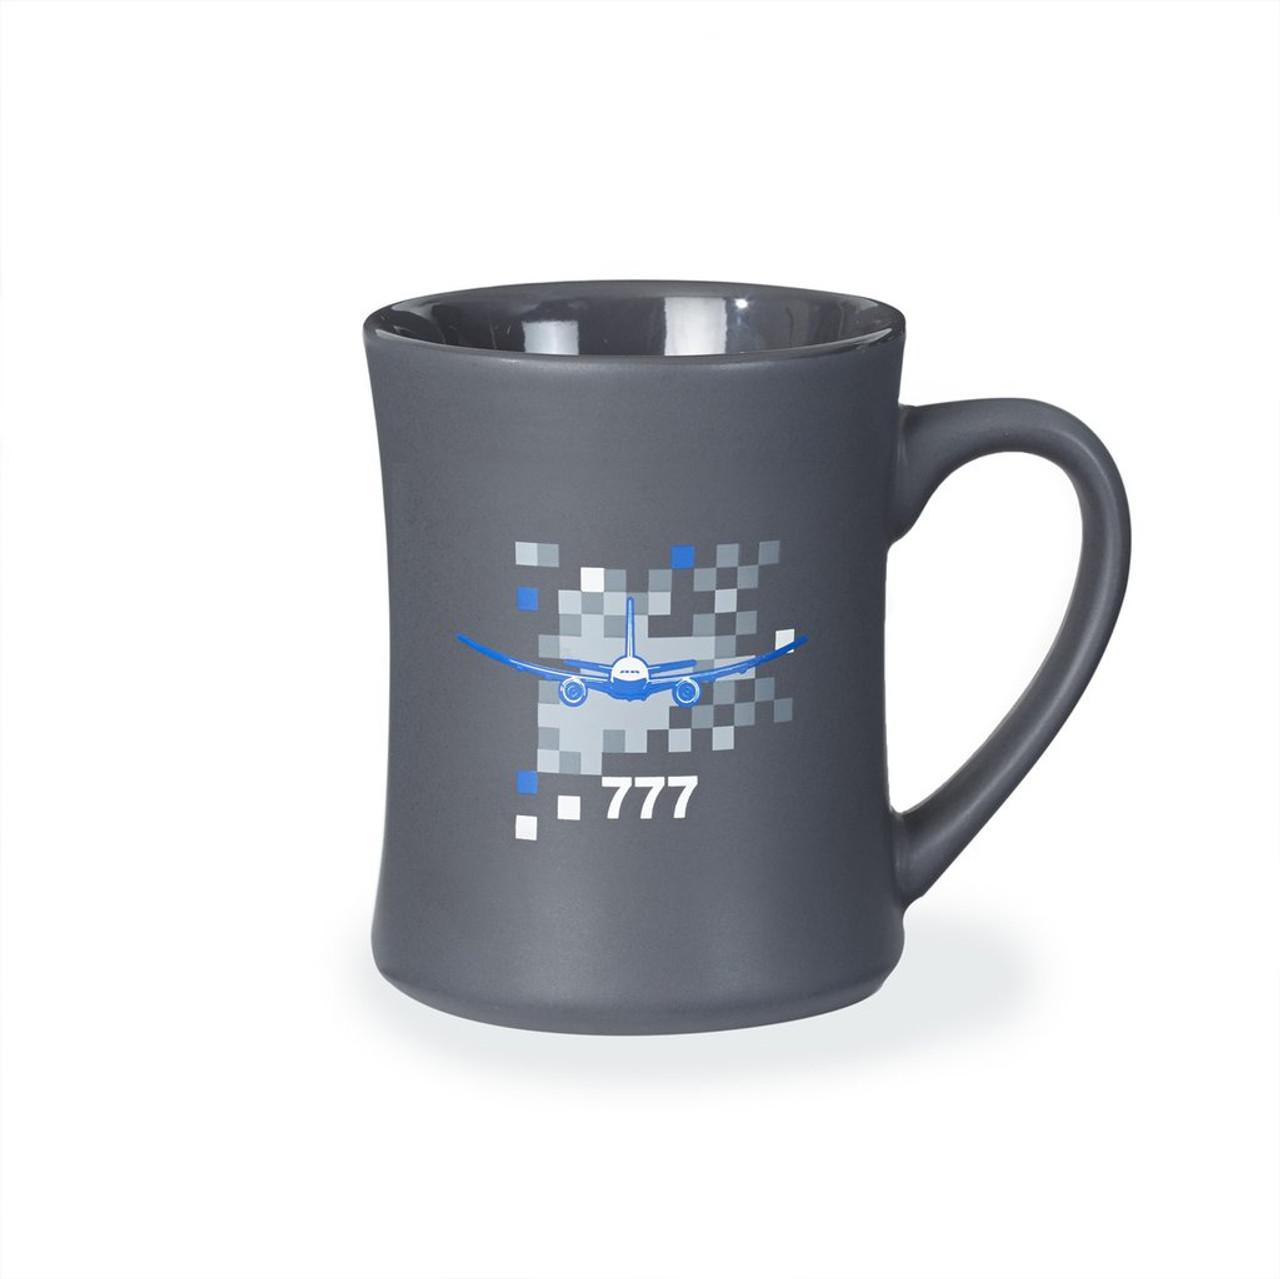 Boeing Pixel 777 Mug